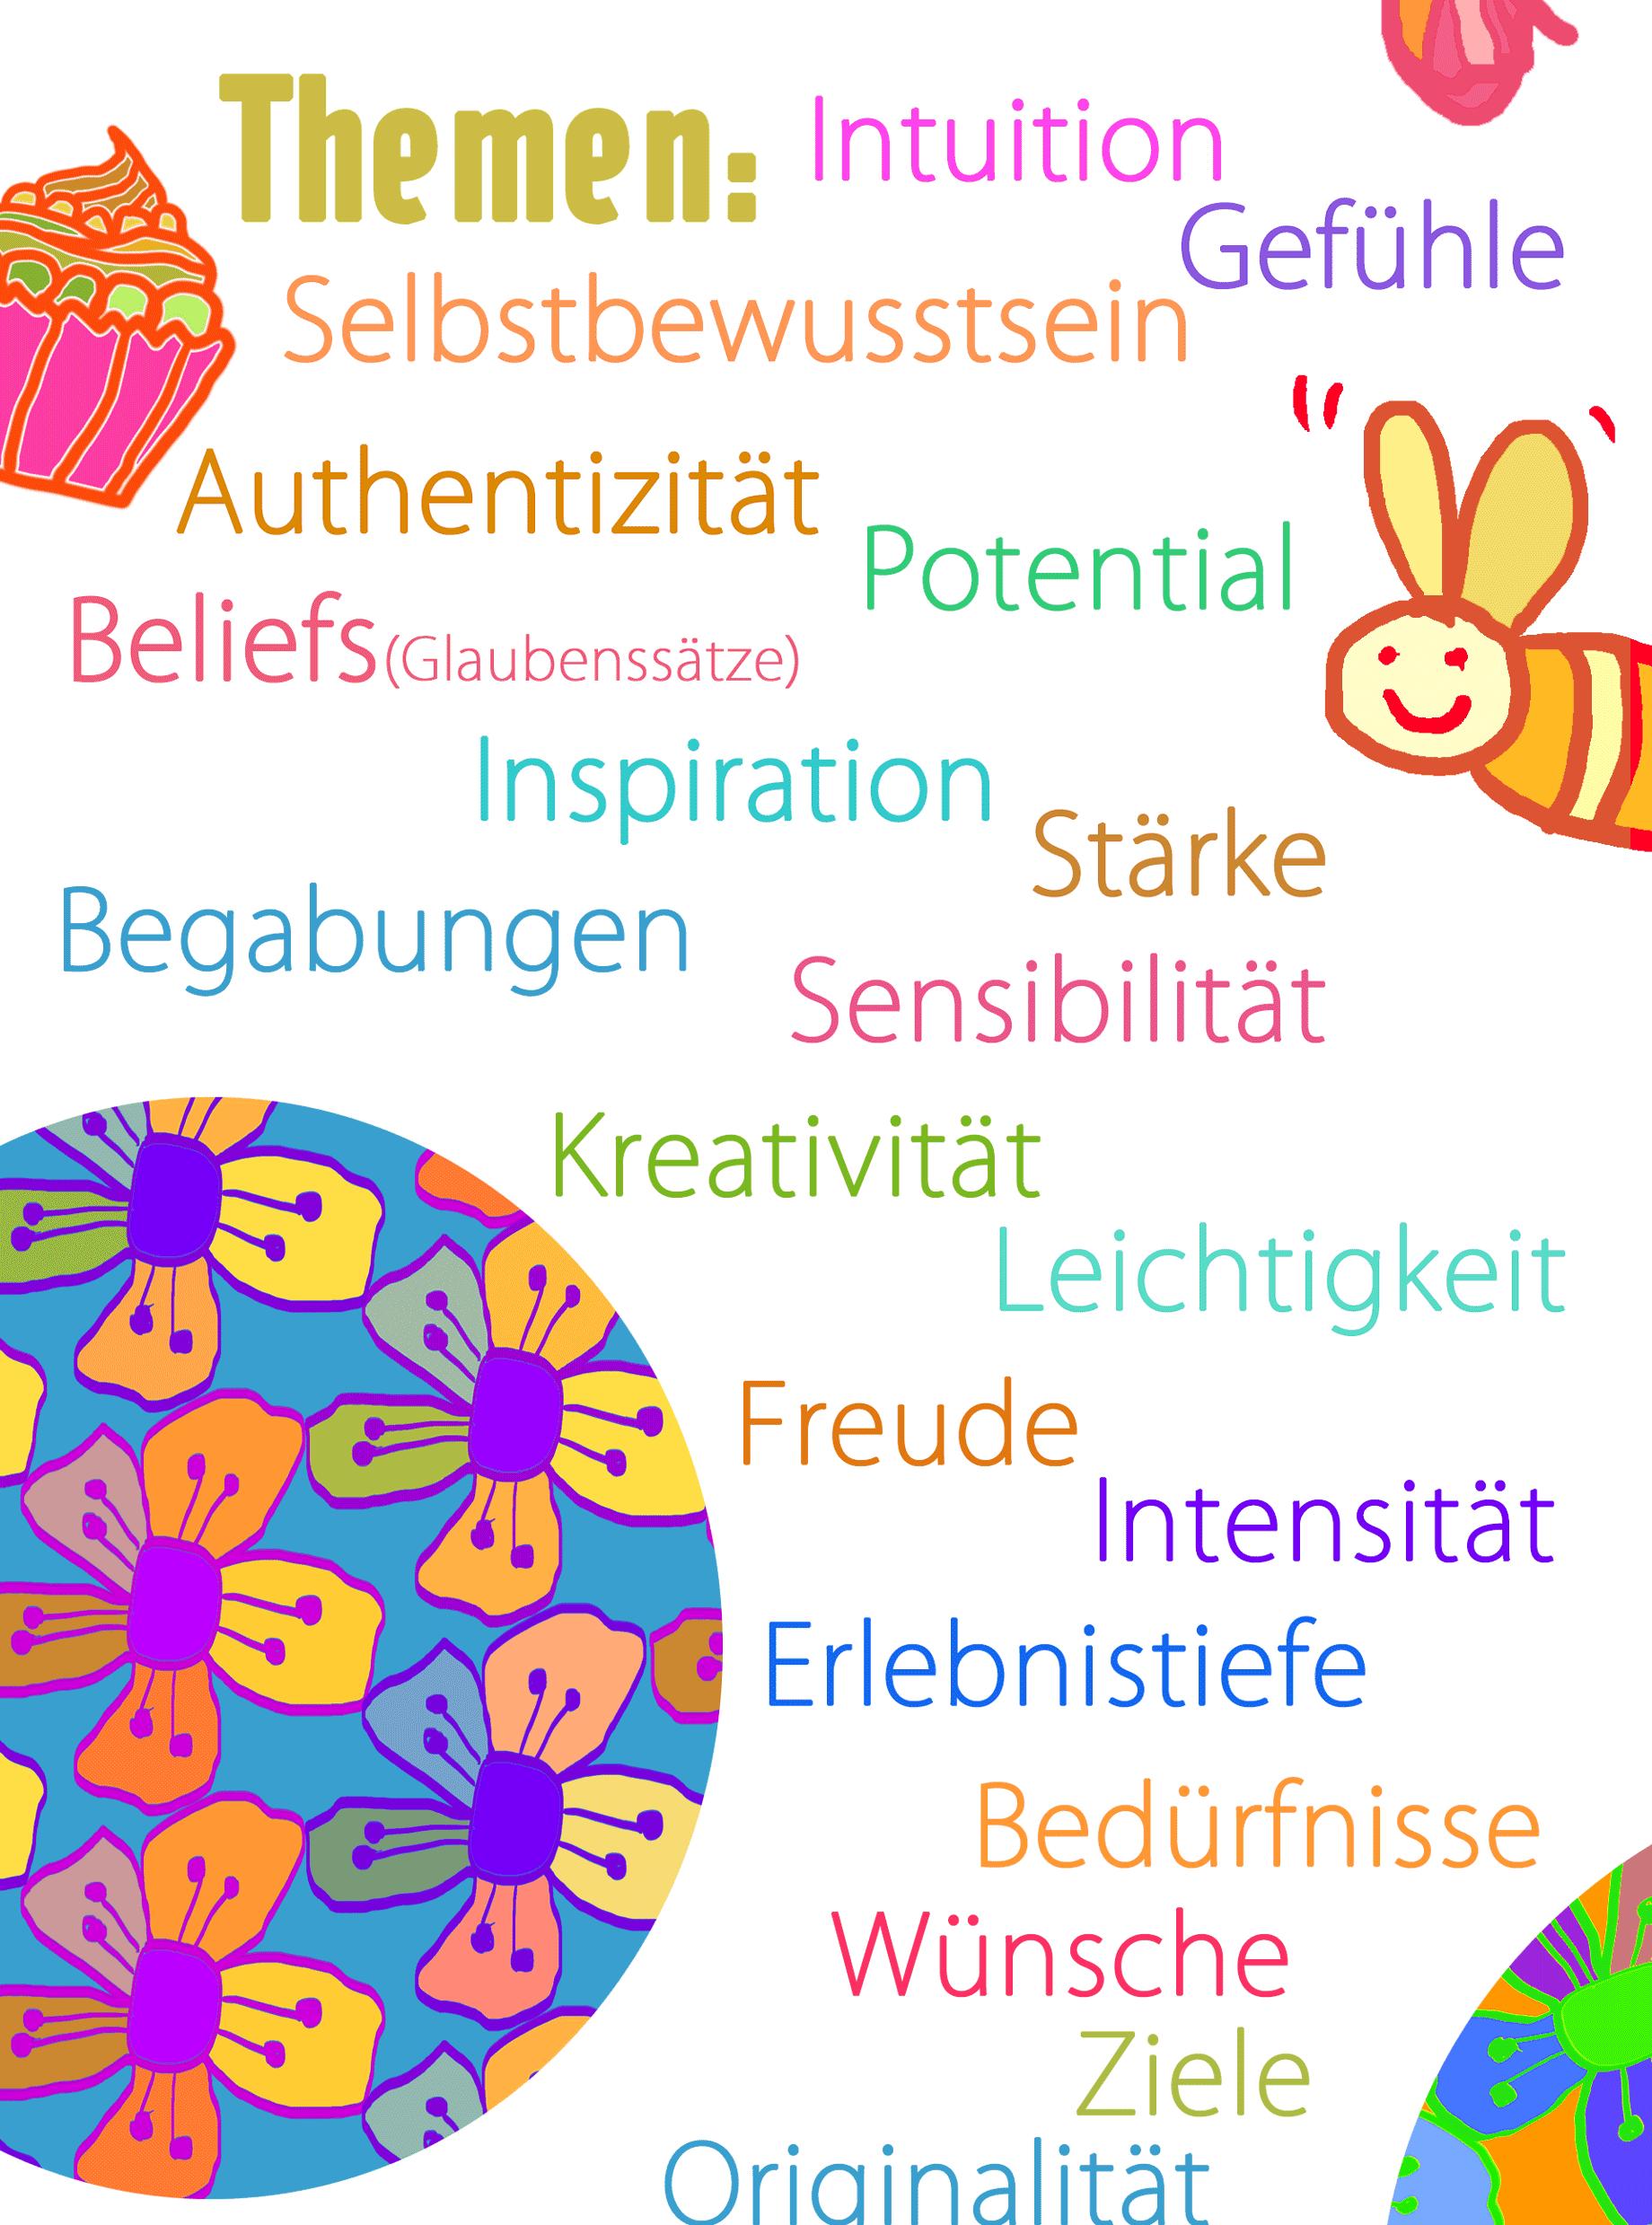 Themen: Intuition, Gefühle, Selbstbewusstsein, Authentizität, Potential, Beliefs (Glaubenssätze), Inspiration, Stärke, Begabungen, Sensibilität, Kreativität, Leichtigkeit, Freude, Intensität, Erlebnistiefe, Bedürfnisse, Wünsche, Ziele, Originalität